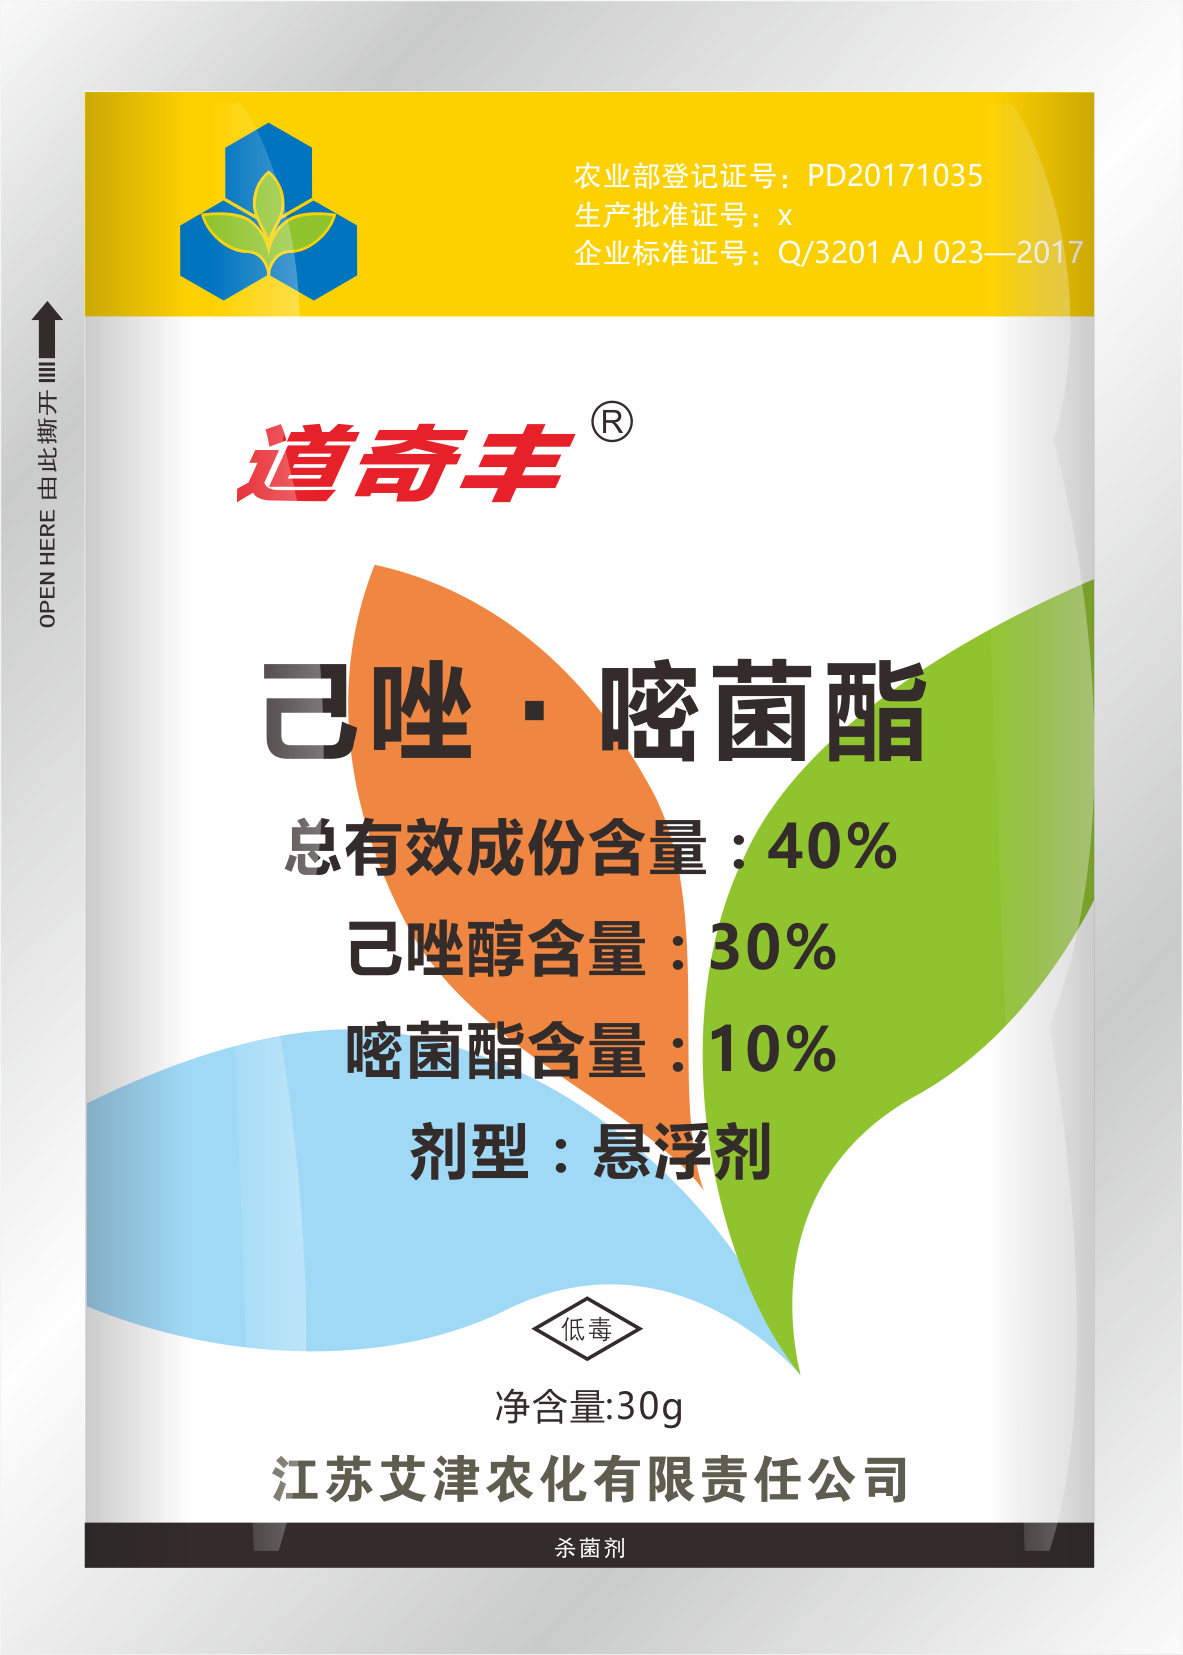 40%己唑醇·嘧菌酯SC